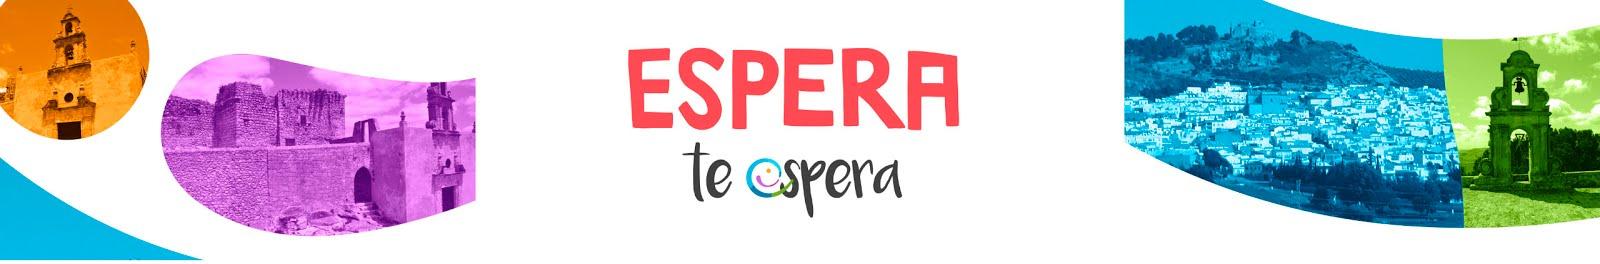 Espera Multimedia